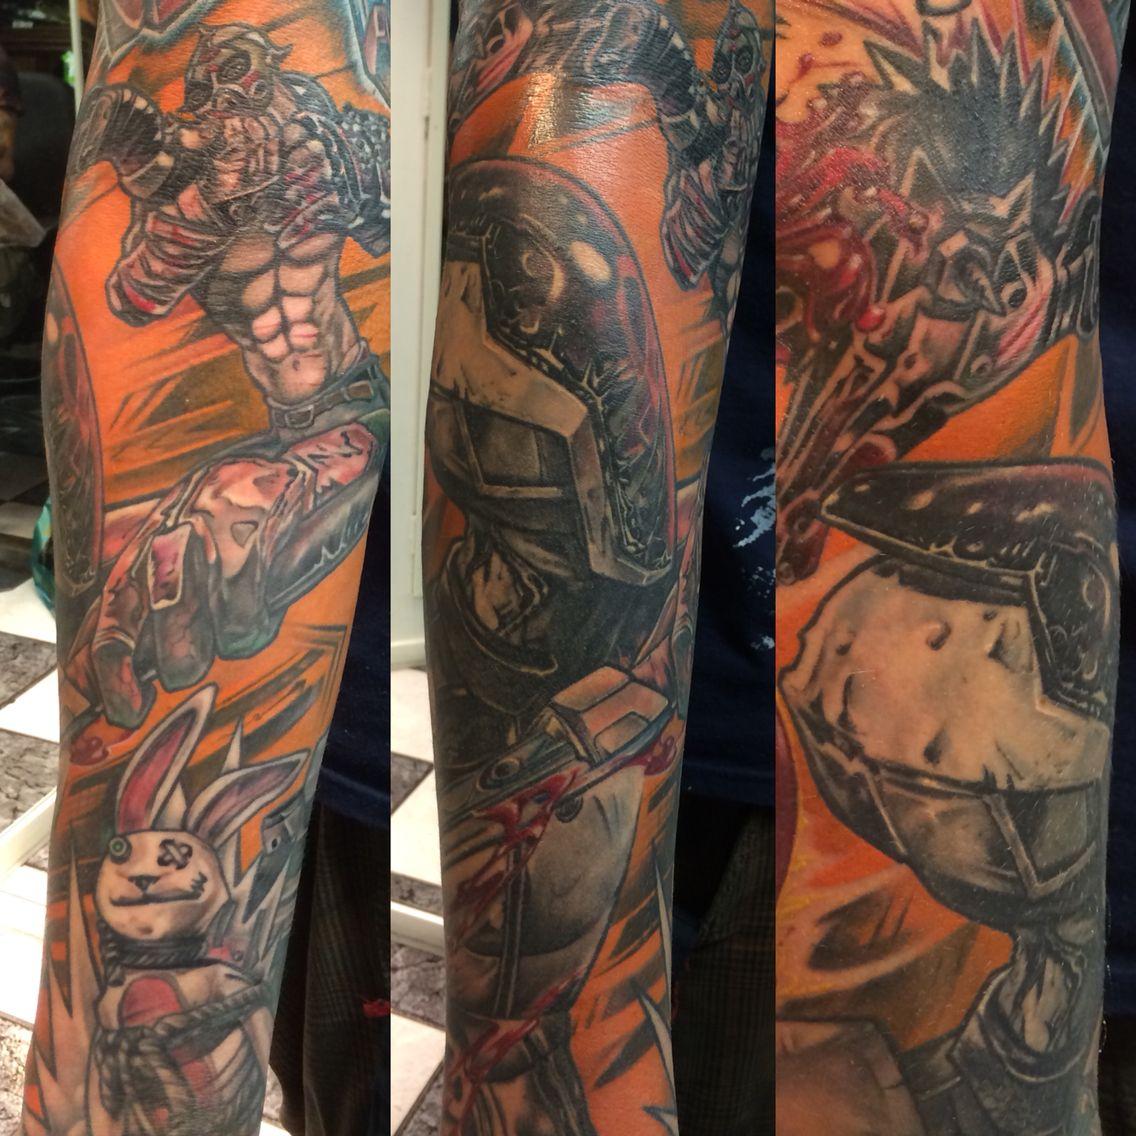 Borderlands Tattoo Sleeve Borderlands Tattoo Sleeve Tattoos Tattoos